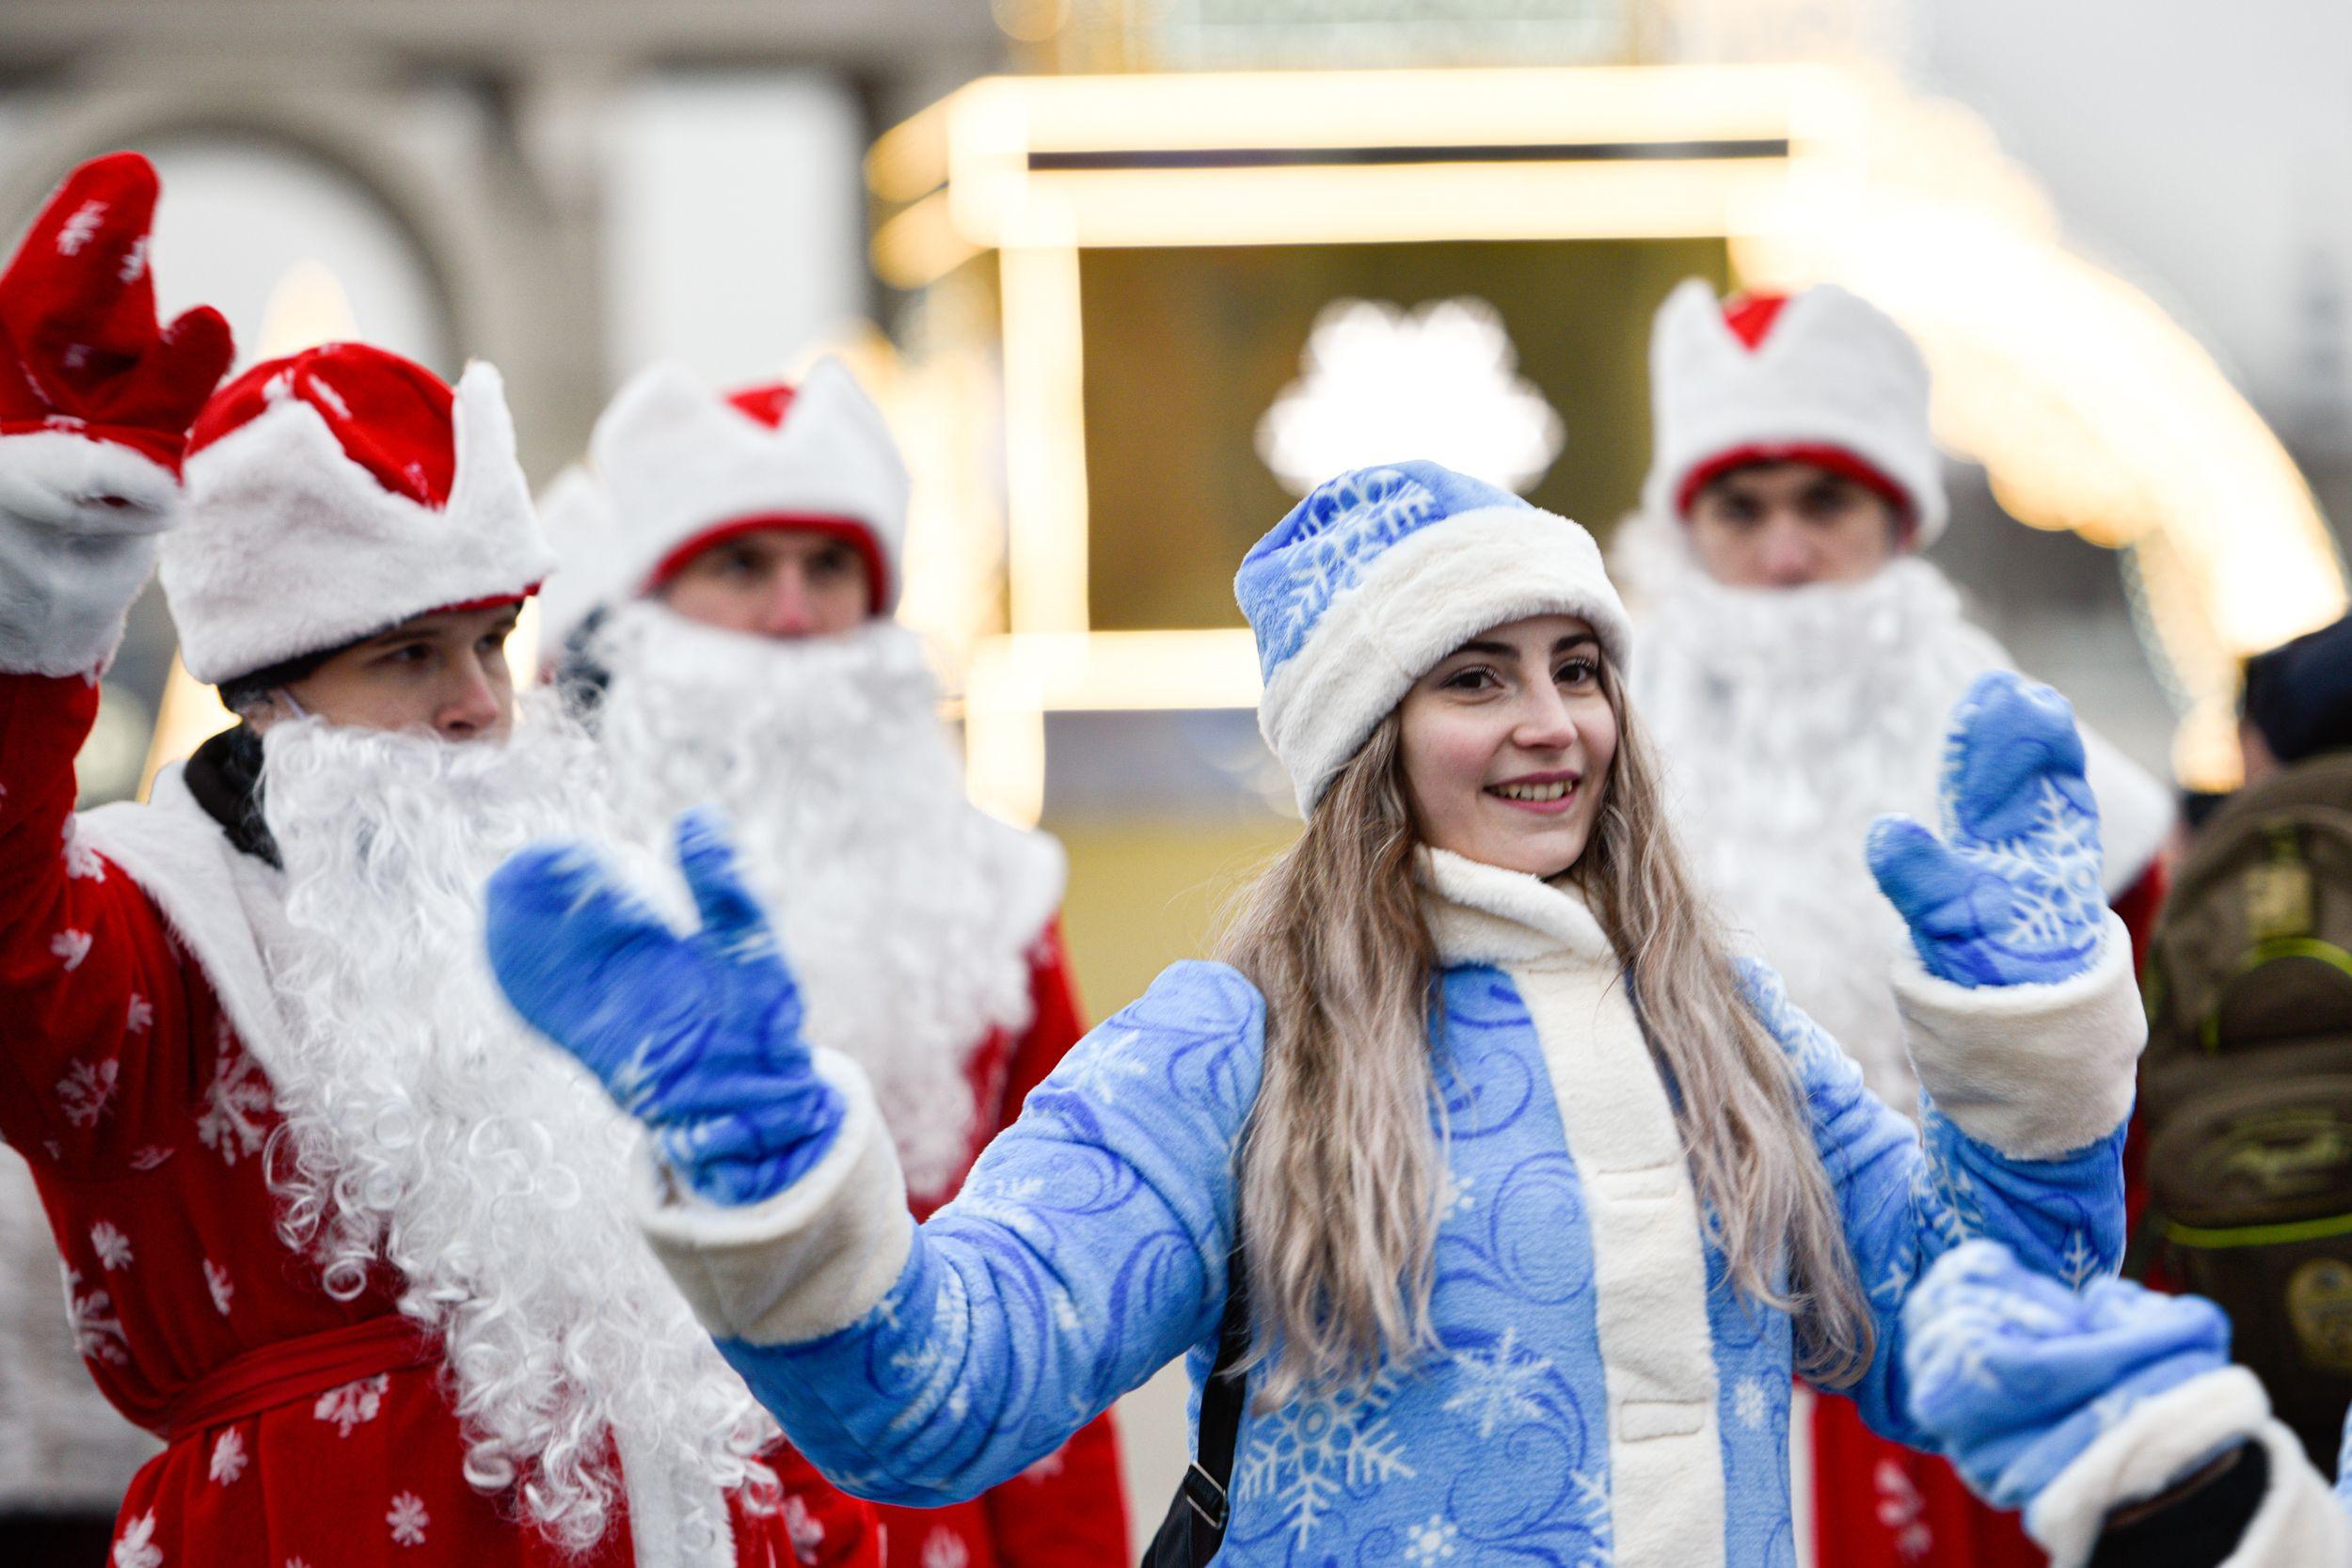 ВДНХ подарит москвичам бесплатный концерт со звездами на Новый год